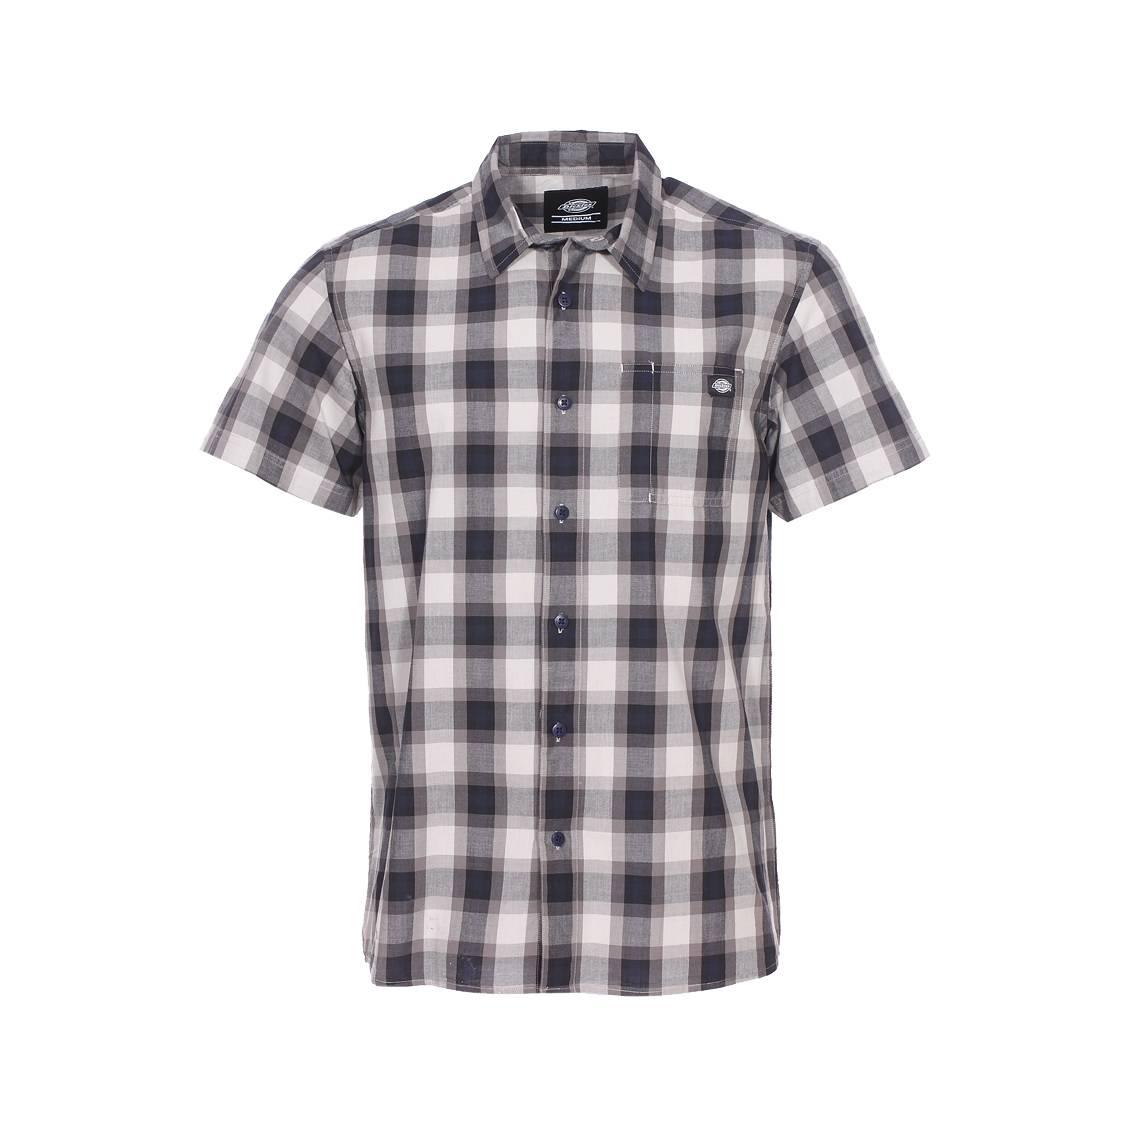 CHEMISES - Chemises manches courtesDickies Achats En Ligne D'origine Prix D'usine Offres En Ligne ERYyOz